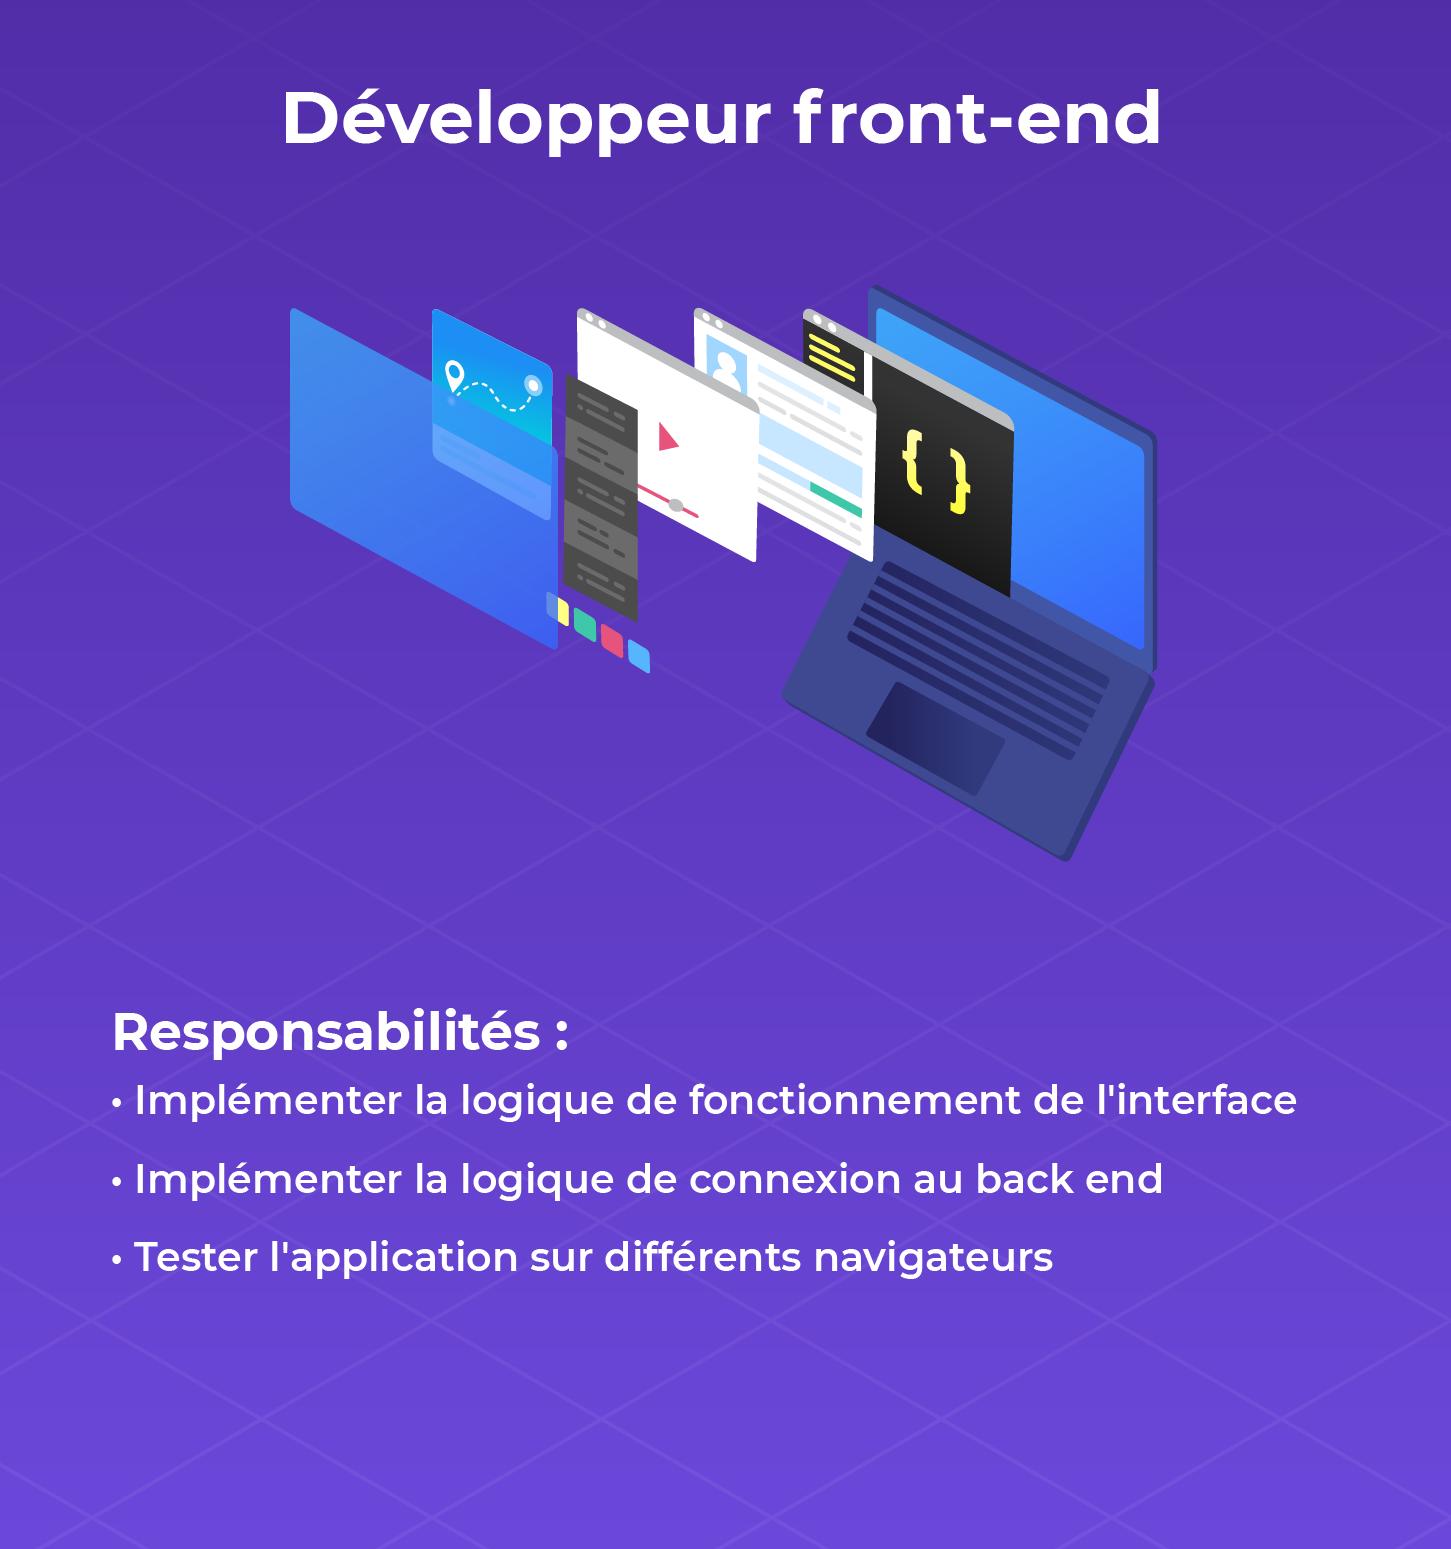 Fiche métier du développeur front-end